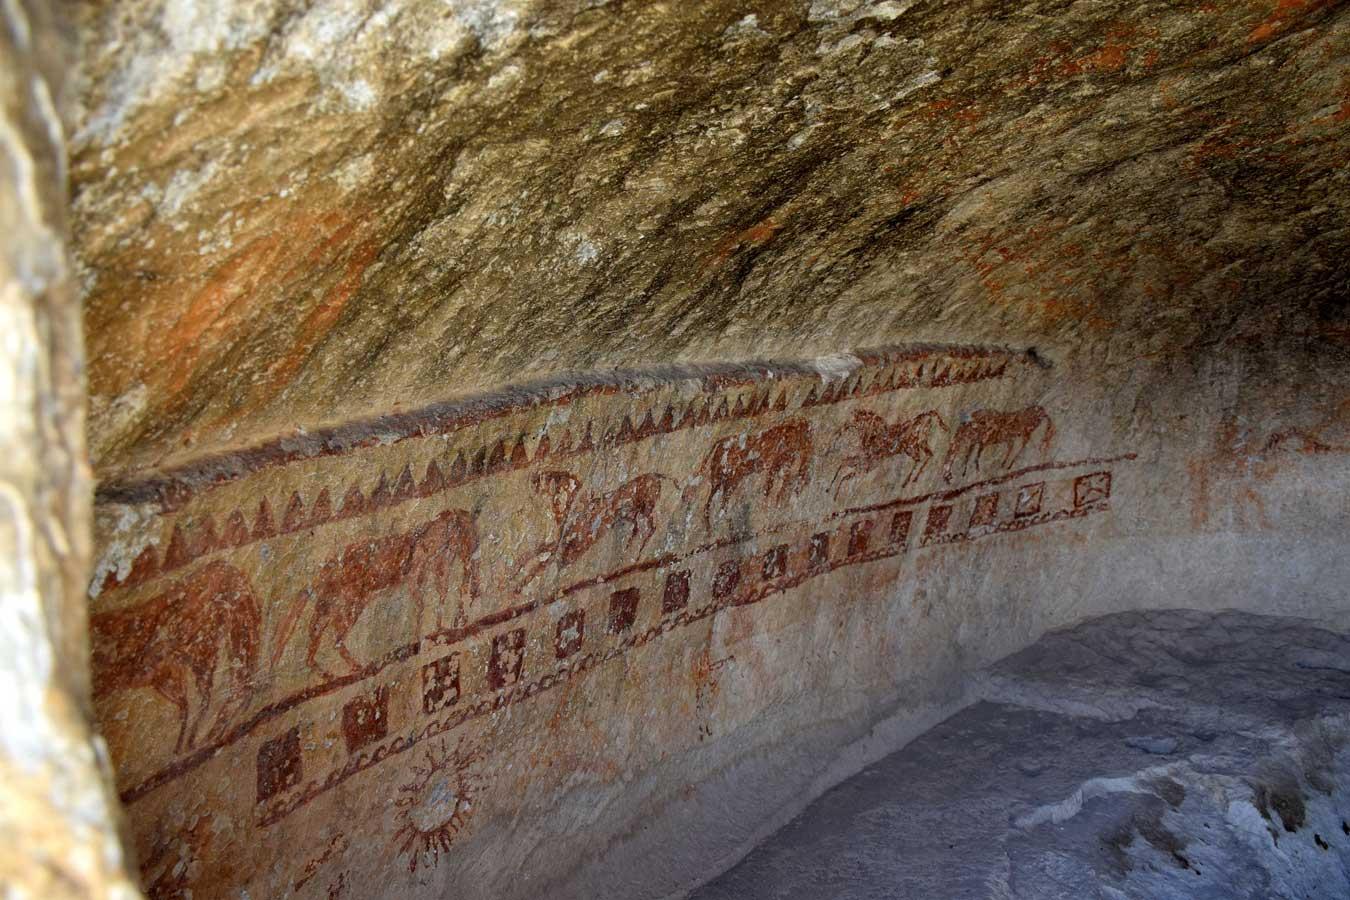 Onar Köyü kaya mezarı içindeki duvar resimleri - Murals inside the rock tomb of Onar Village